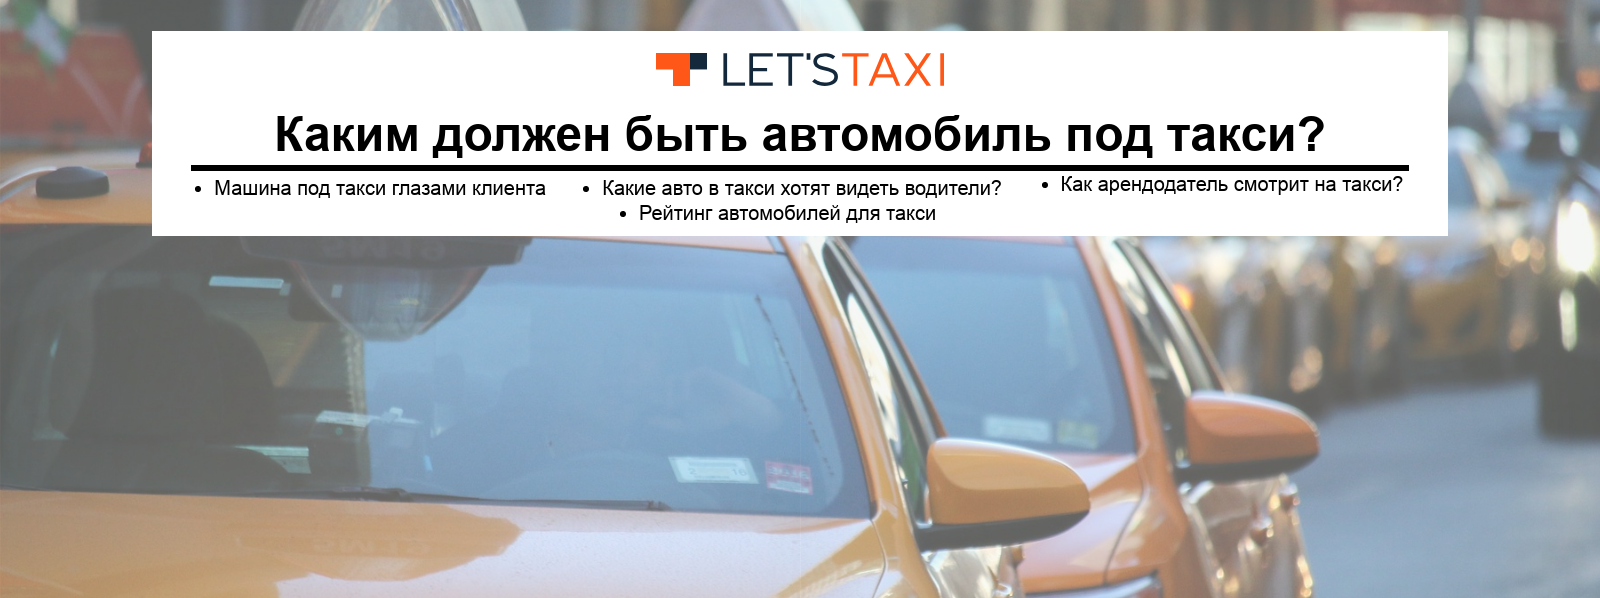 рейтинг автомобилей для такси